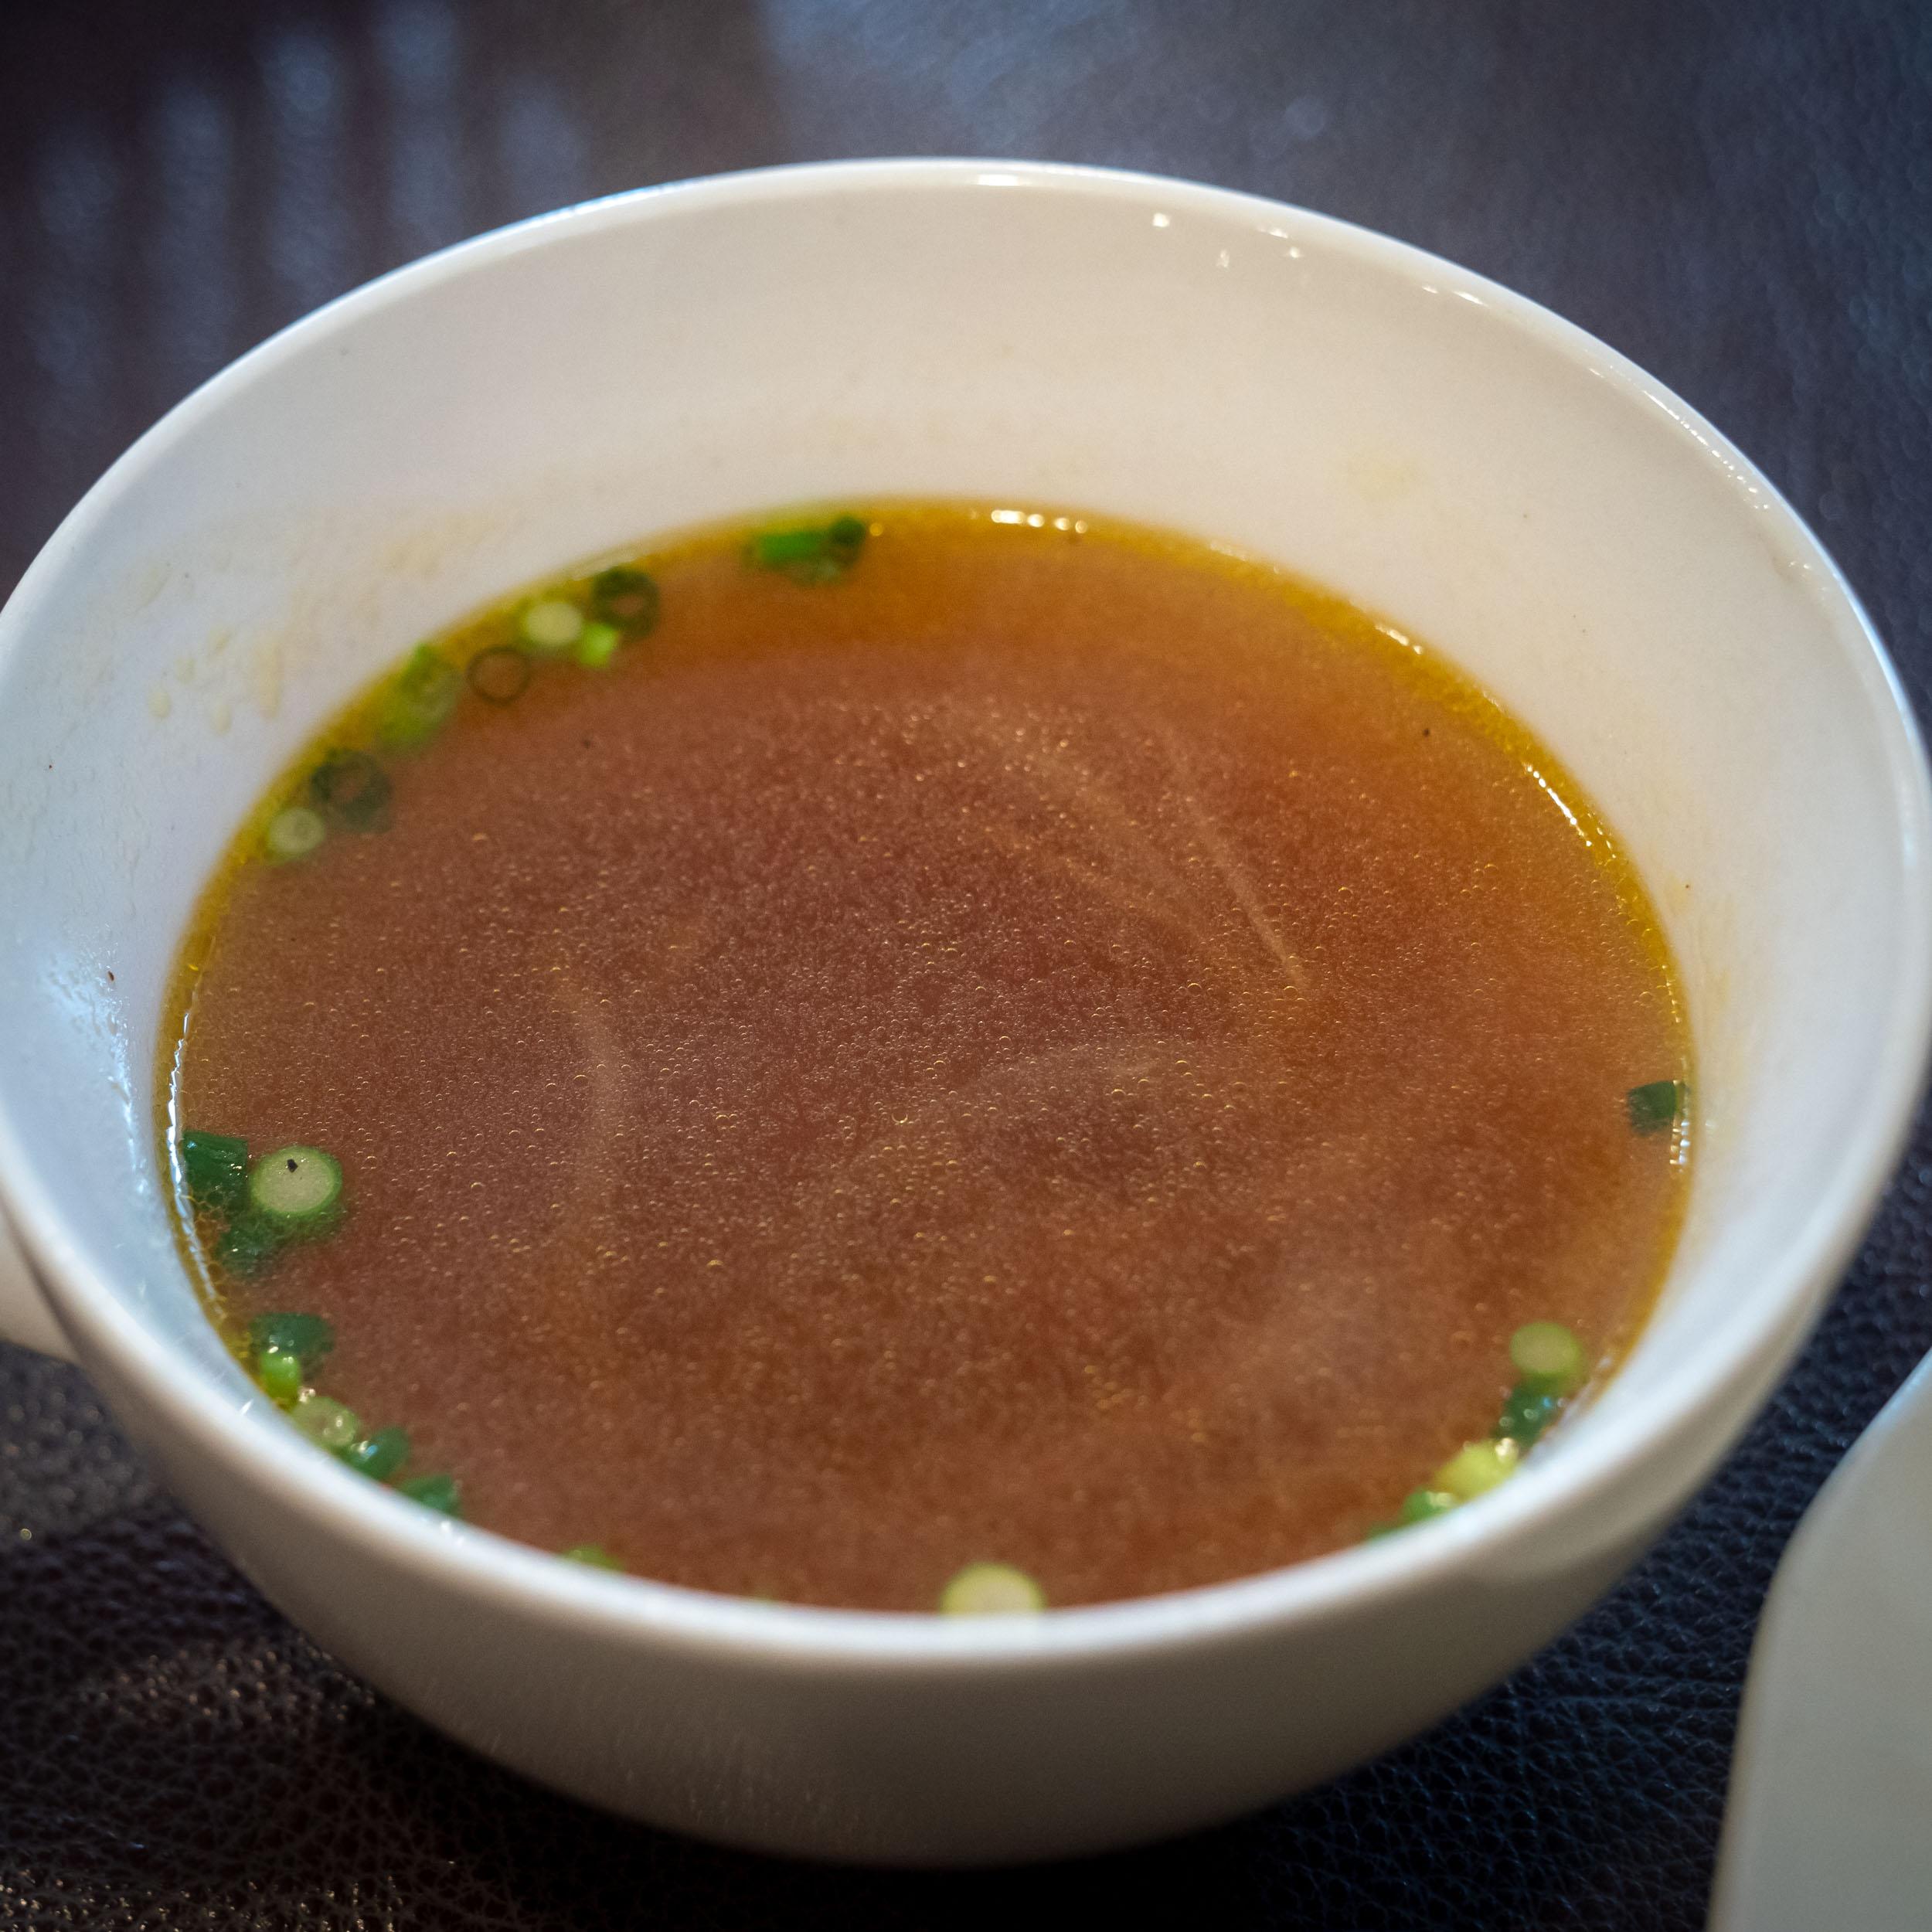 「レストラン MURA」ハンバーグにセットのスープ DMC-GX8 + LEICA DG 12-60mm